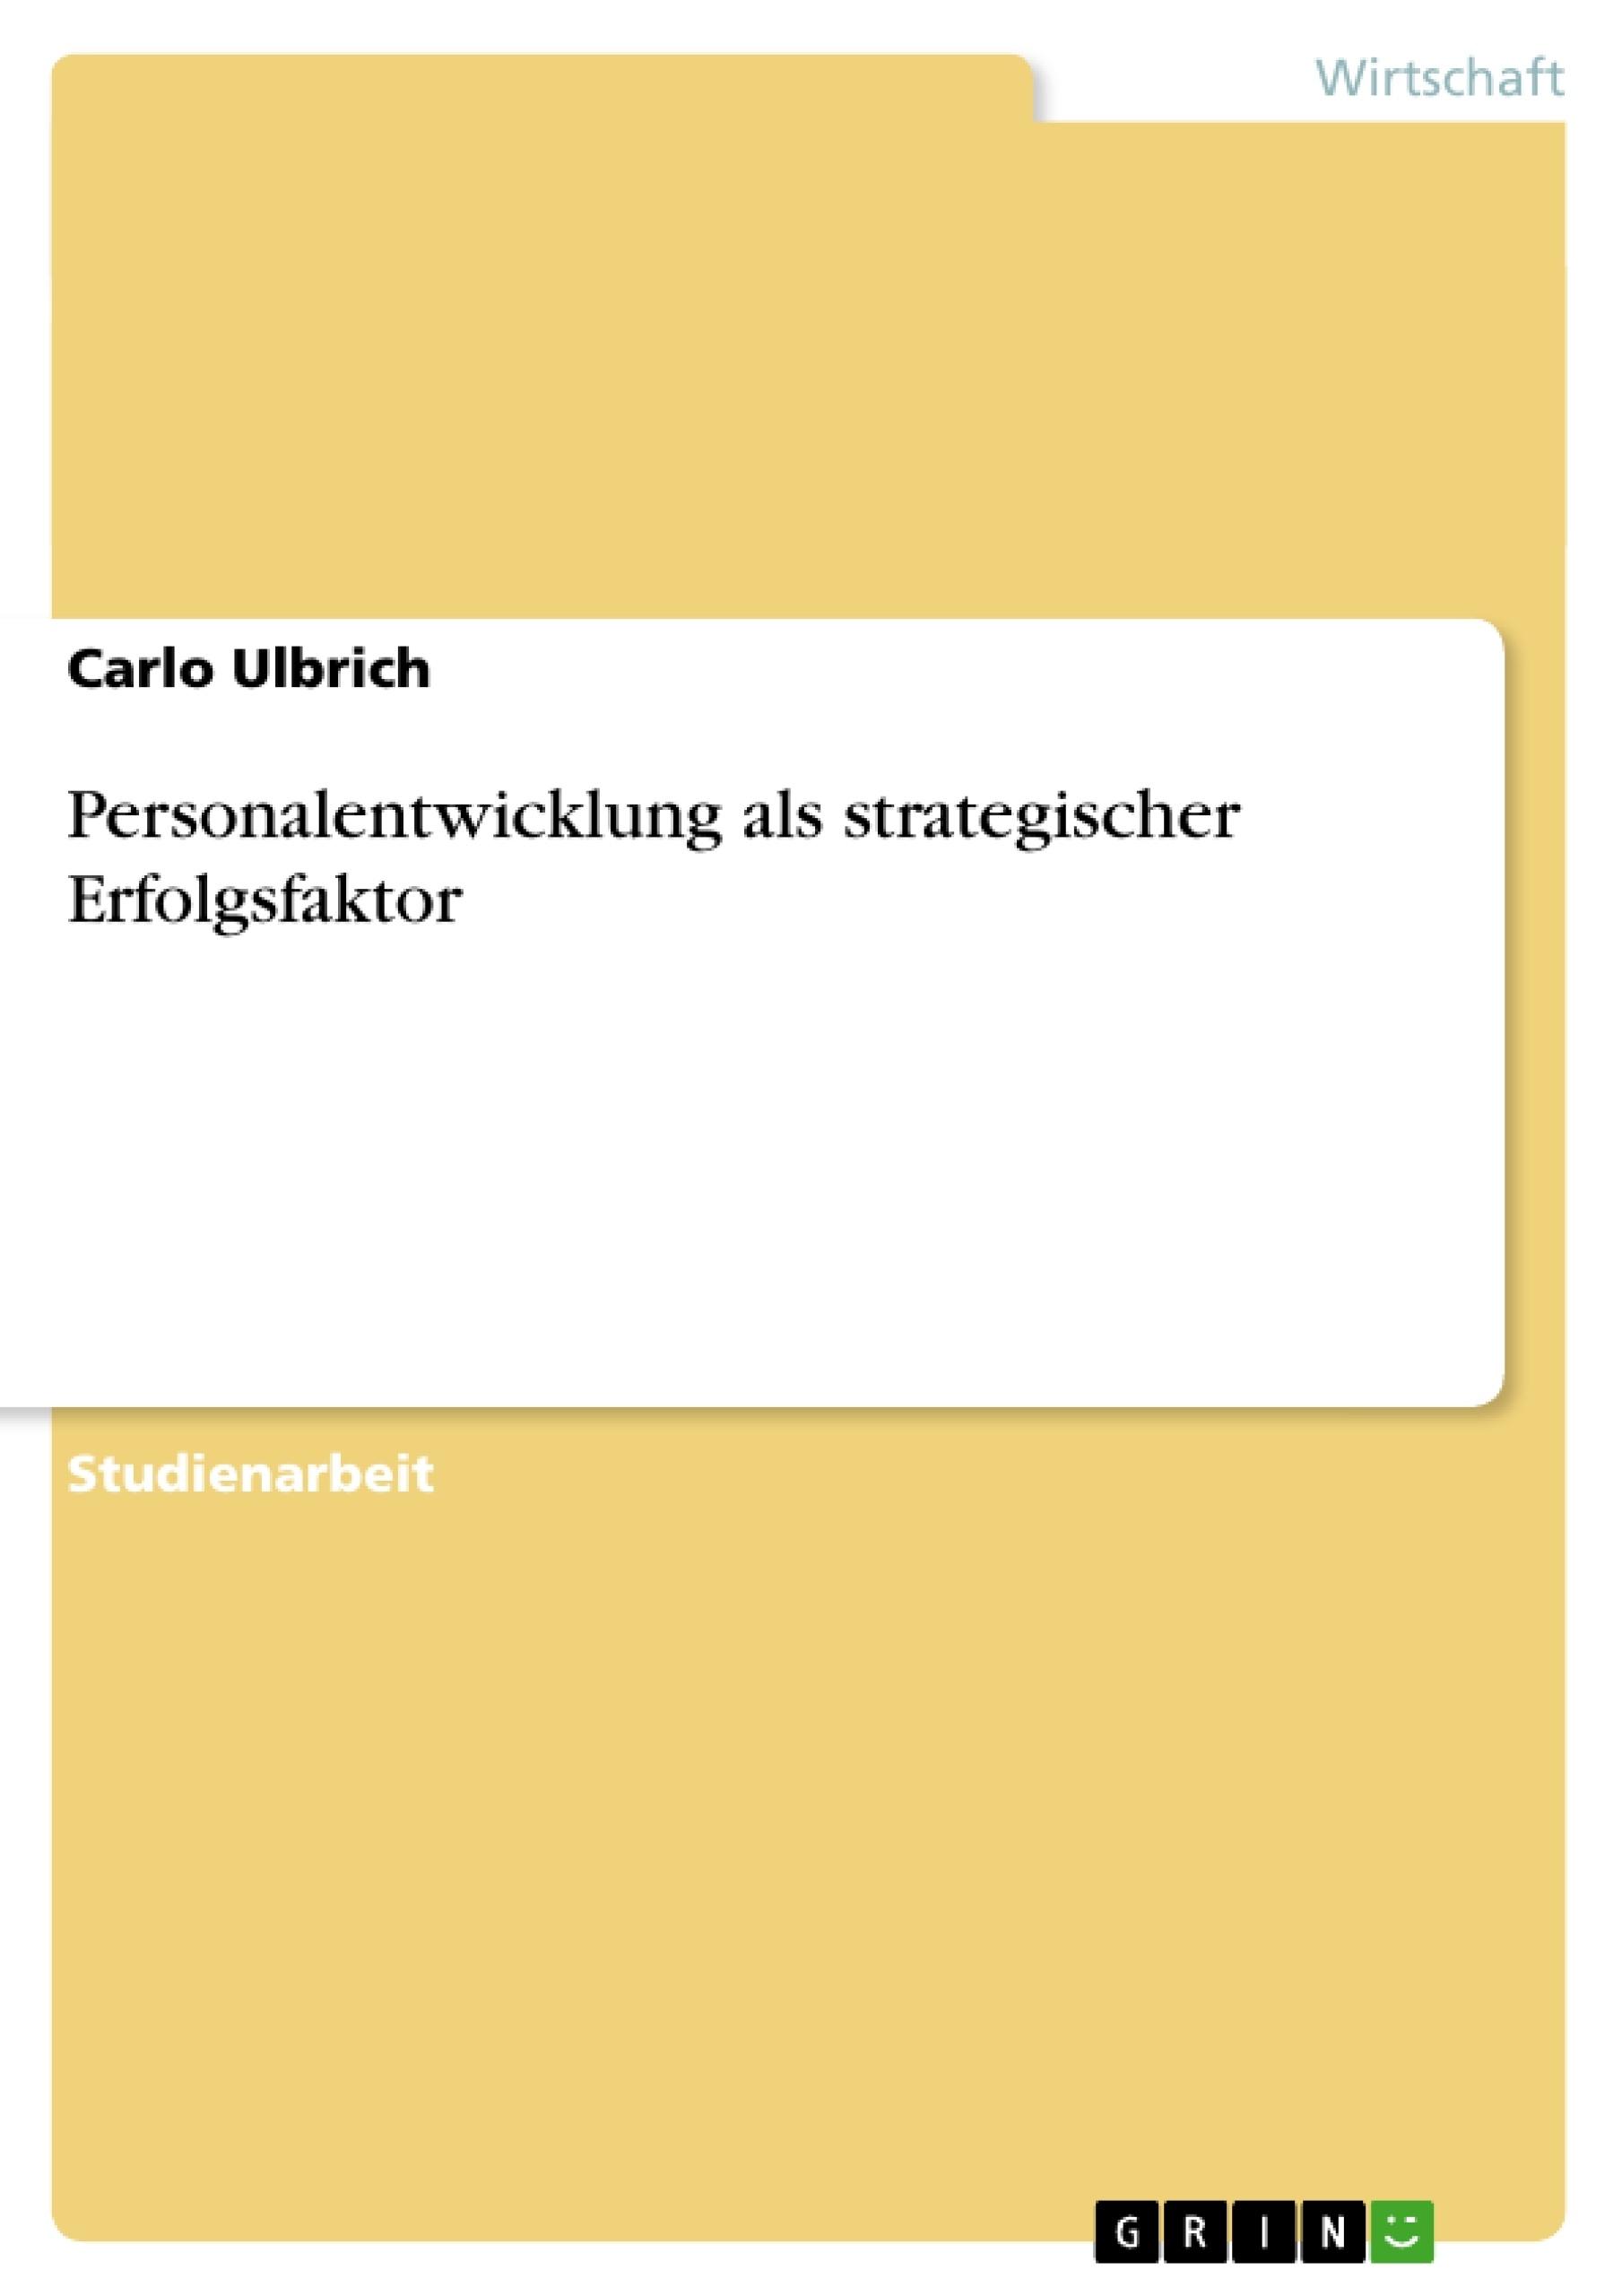 Titel: Personalentwicklung als strategischer Erfolgsfaktor